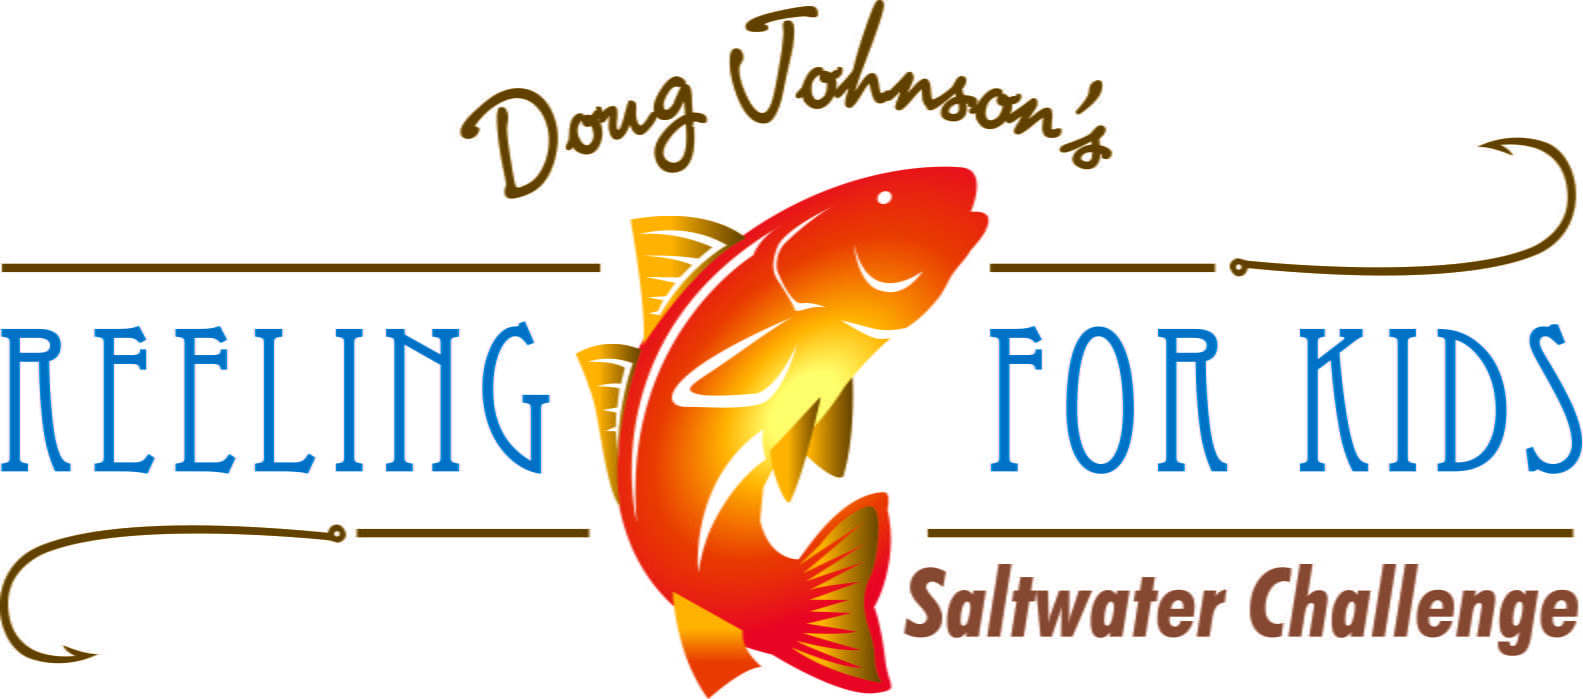 Doug Johnson Reeling for Kids Fish Fry 2016